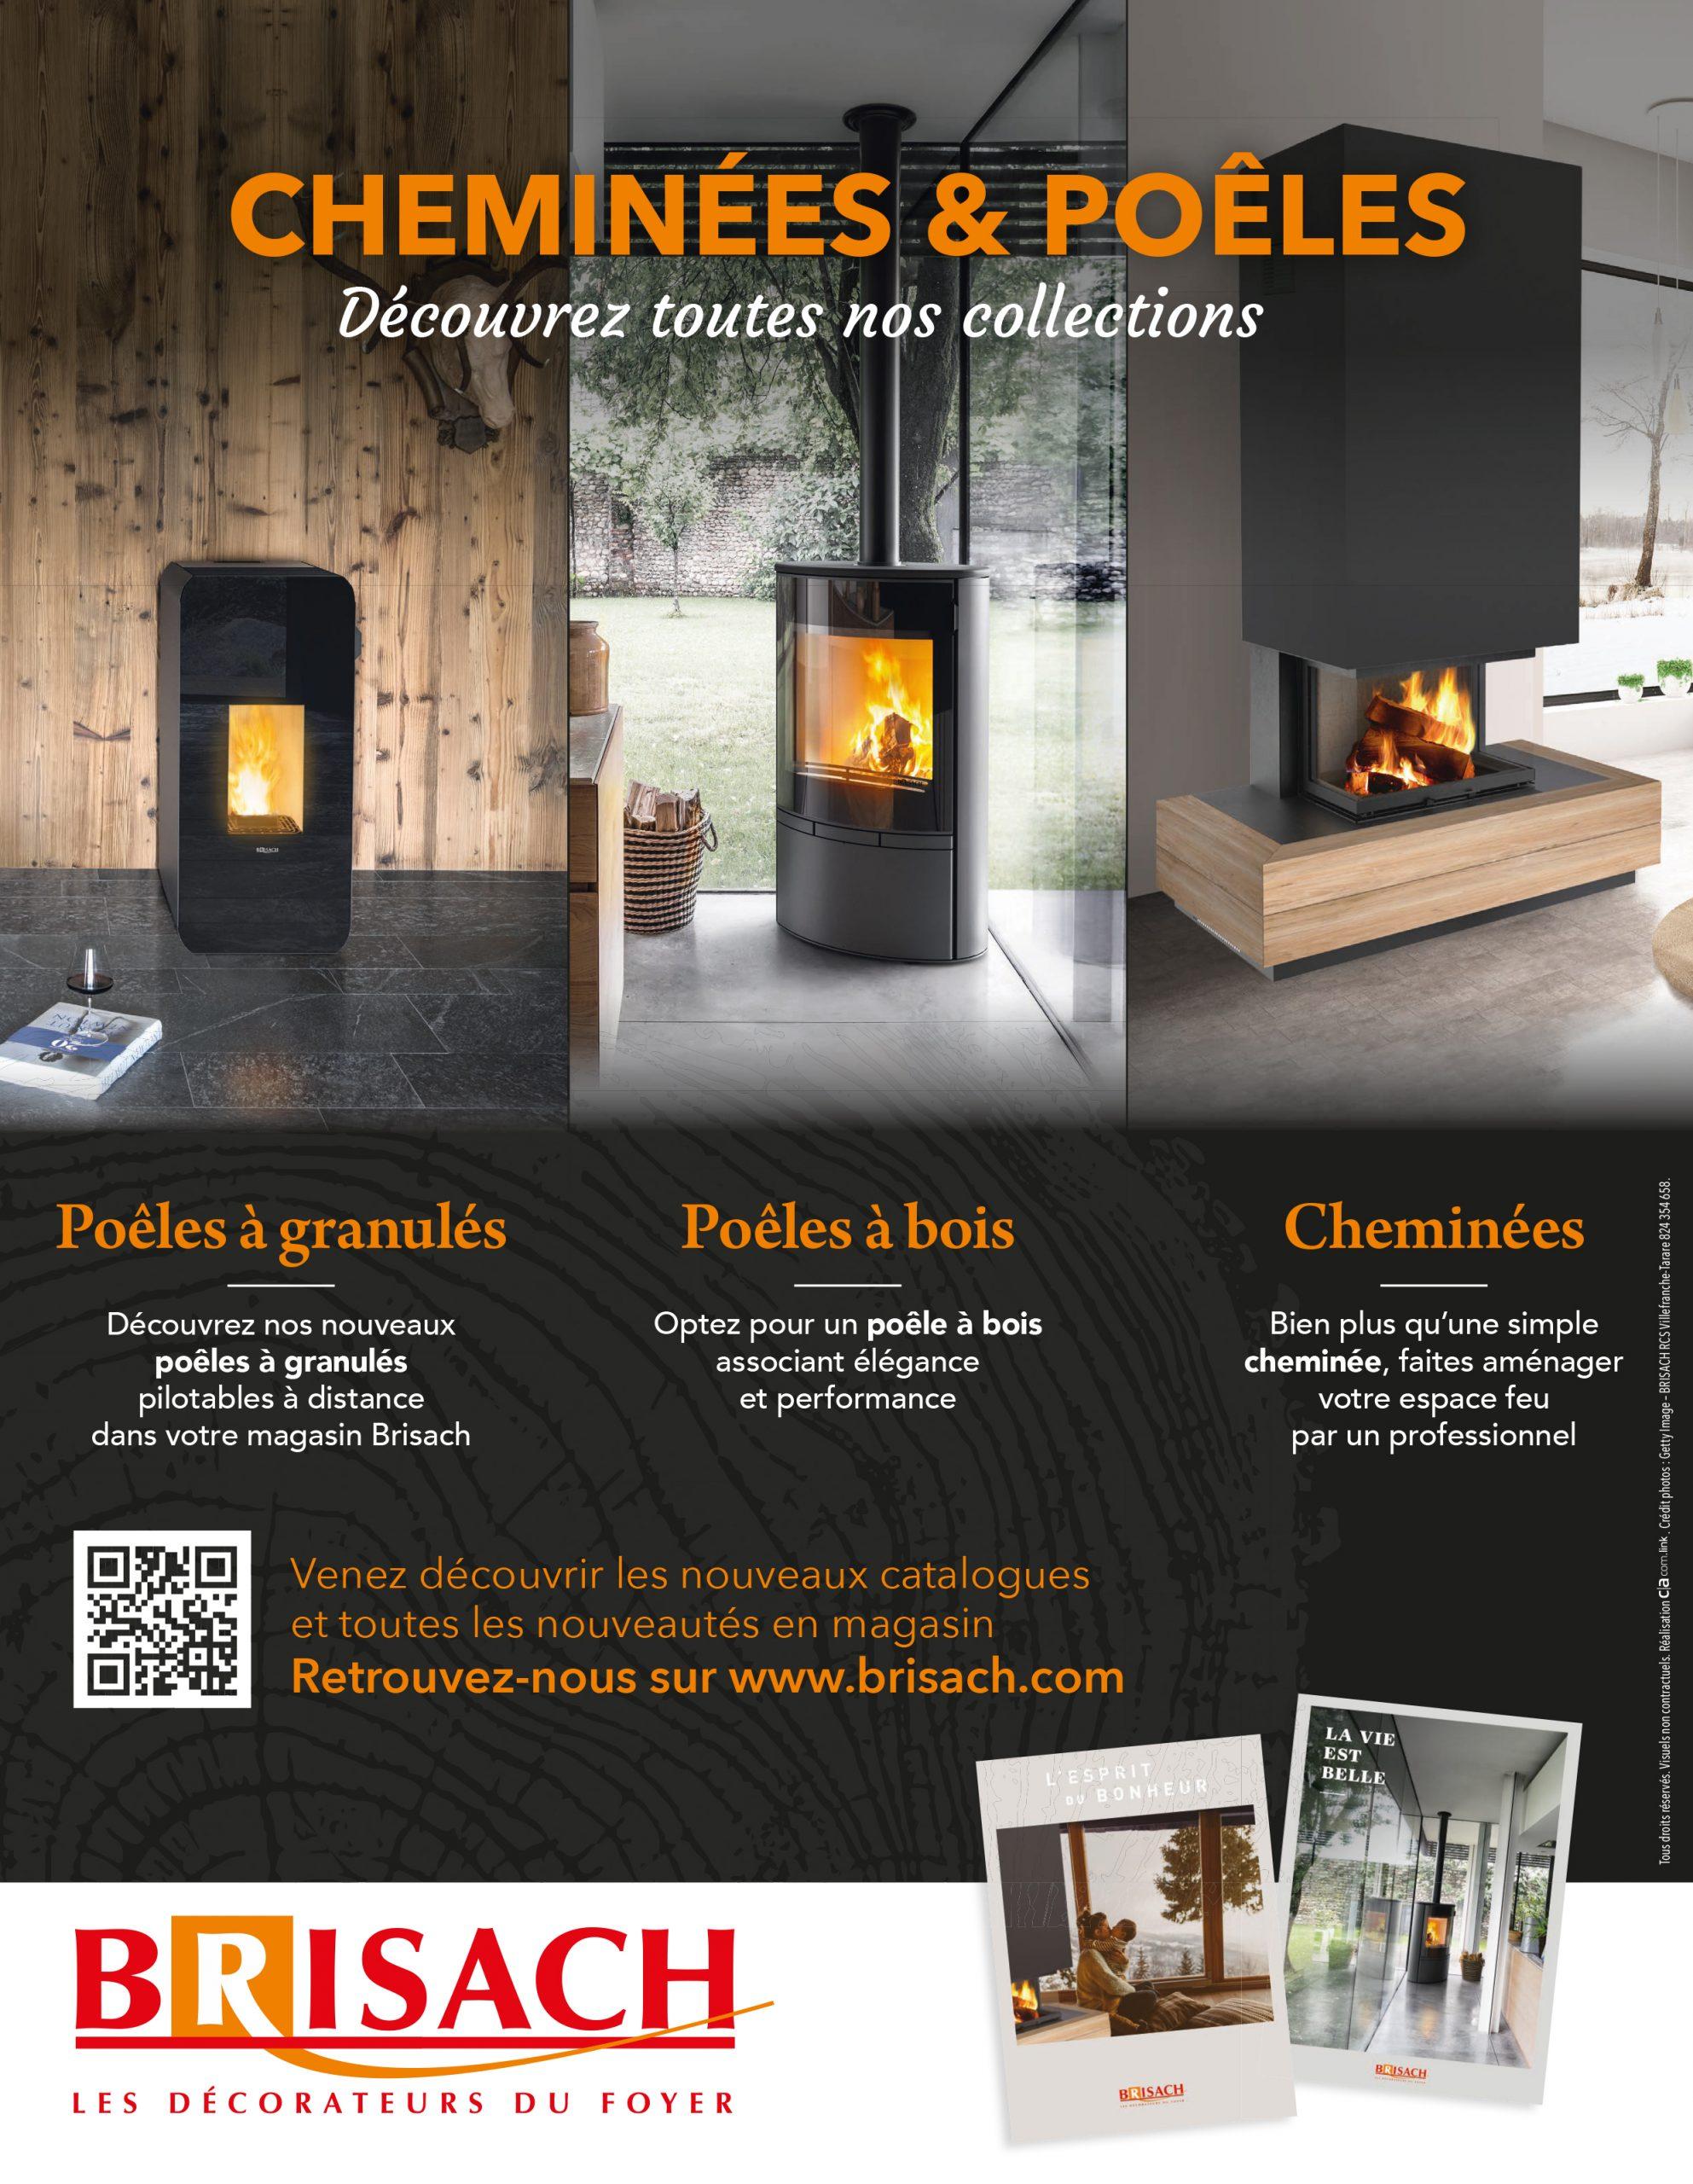 BRISACH : À l'avant-garde du feu de bois